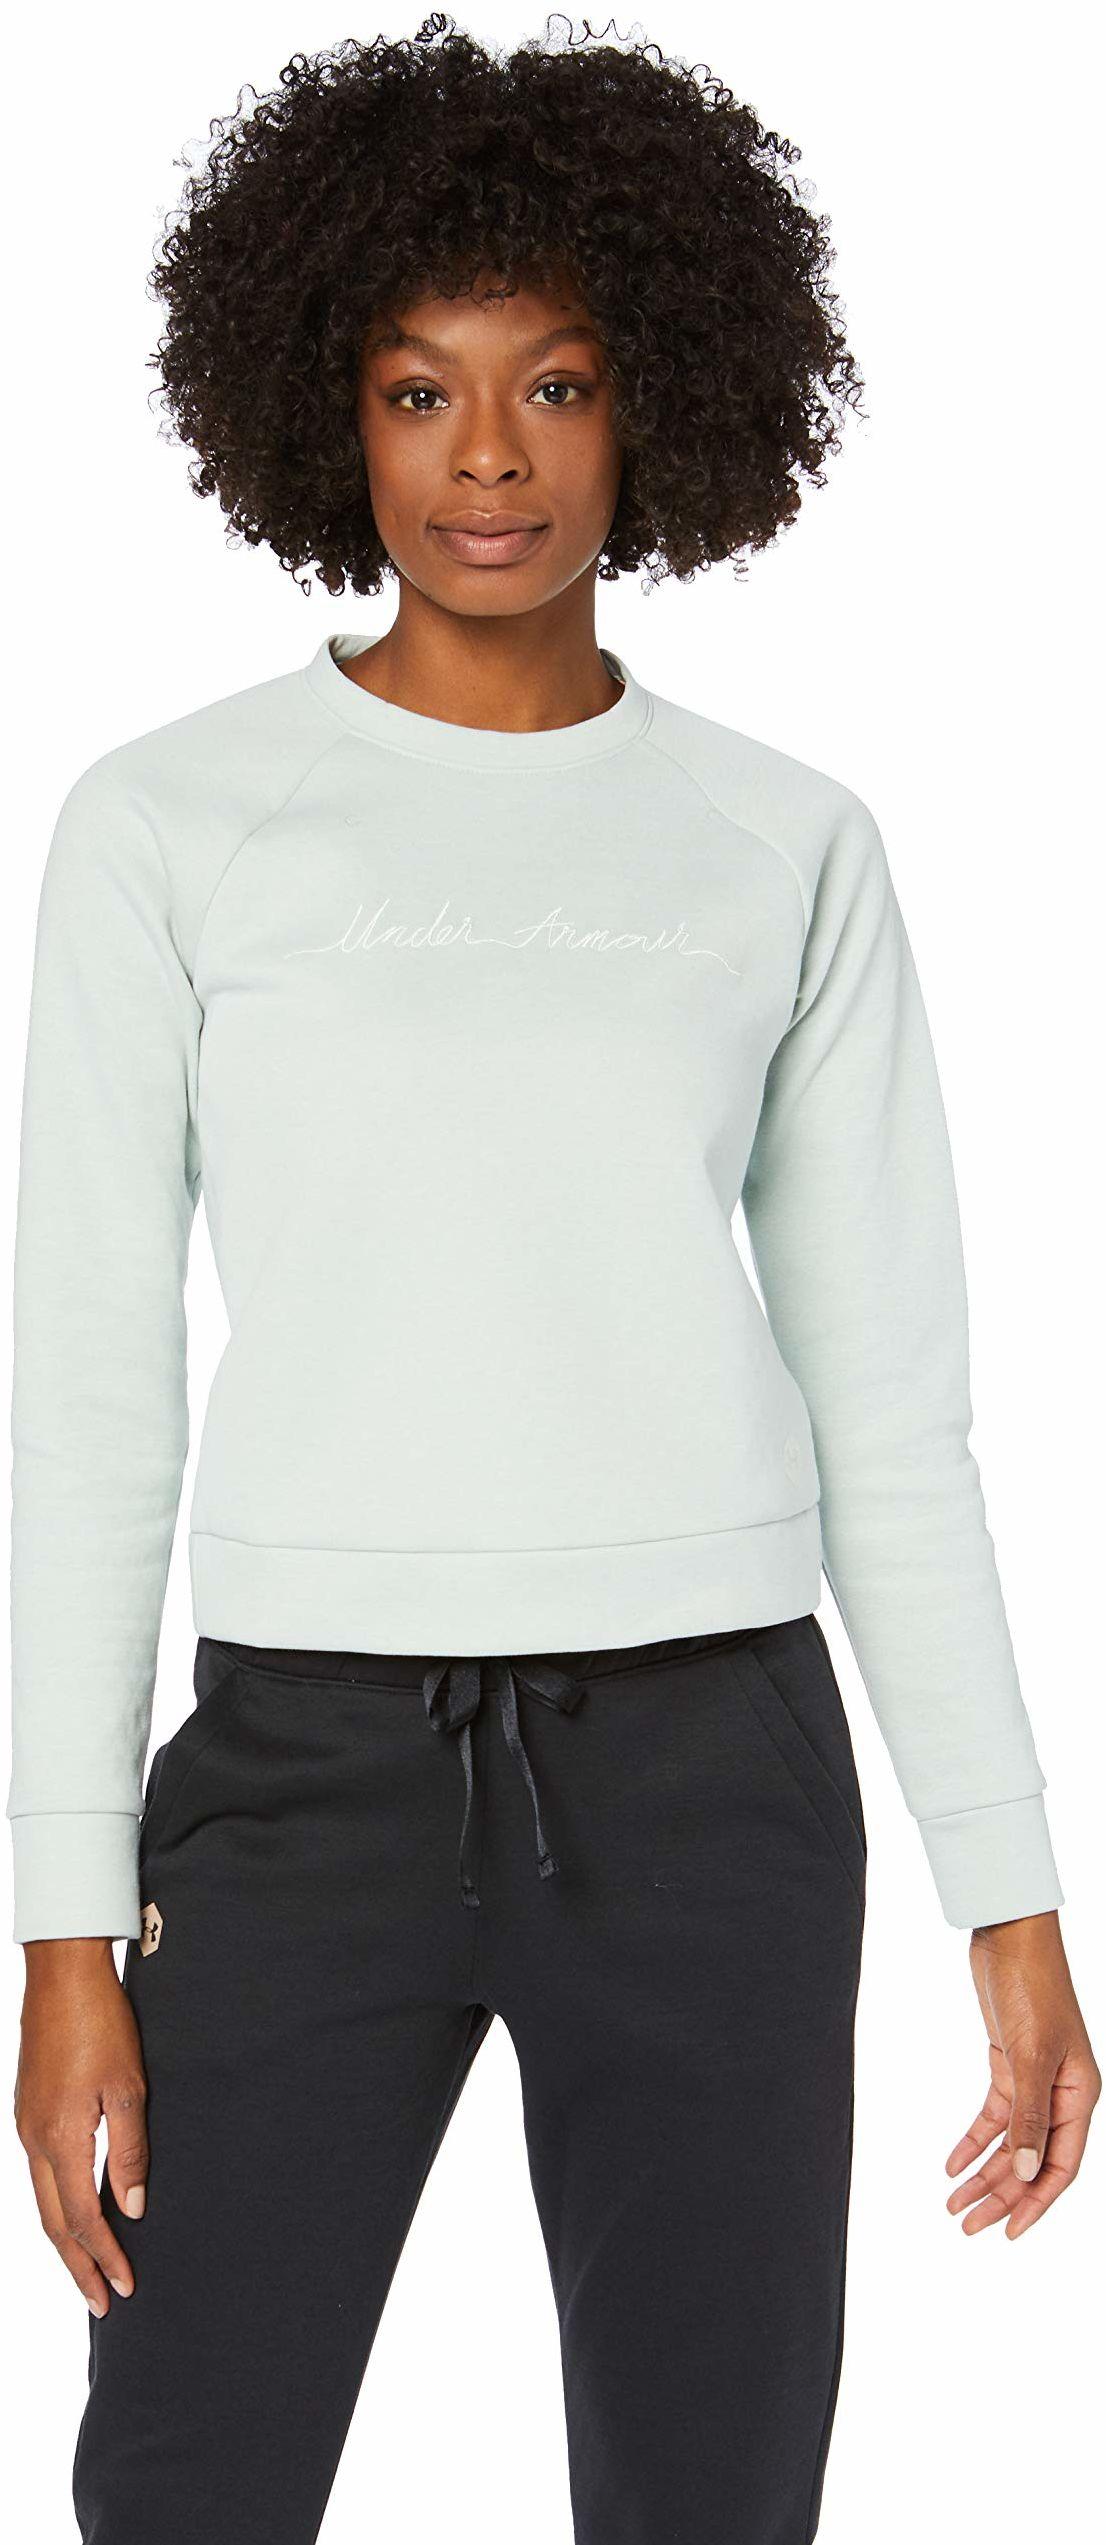 Under Armour damska koszulka z nadrukiem polarowy skrypt załoga rozgrzewka Atlas Green Medium Heather / Onyx White / Onyx White (189) XS